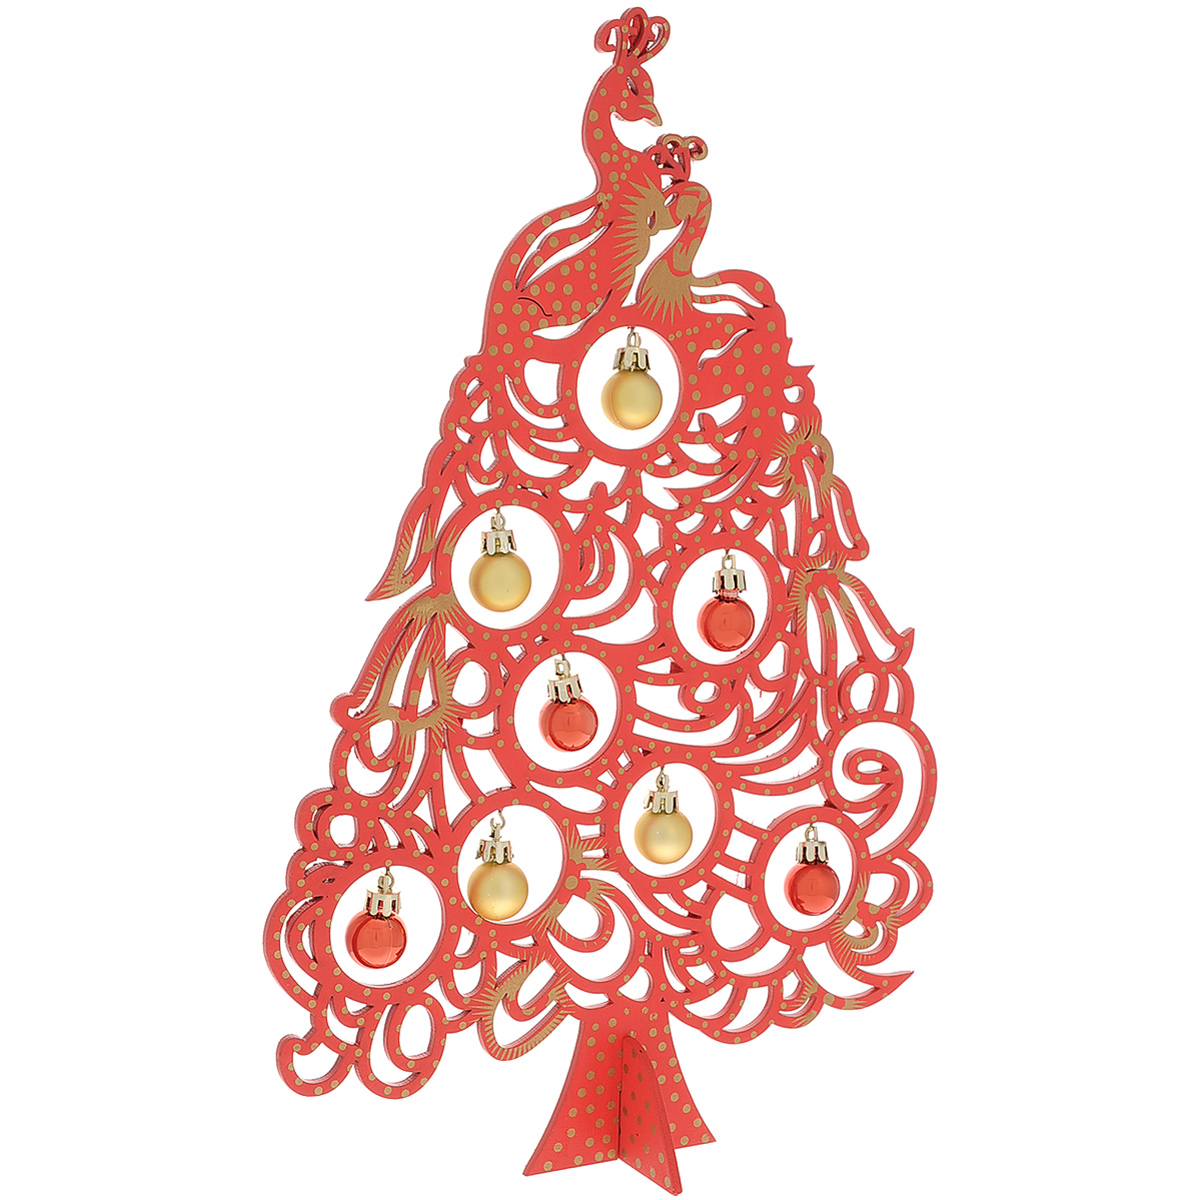 Украшение новогоднее Magic Time Ель с игрушками, высота 37 см733907Украшение новогоднее Magic Time Ель с игрушками гармонично впишется впраздничный интерьервашего дома или офиса. Изделие, состоящее из ели на подставке и 8 игрушек, выполнено изкачественного дерева.Новогодние украшения всегда несут в себе волшебство и красоту праздника. Создайтеатмосферу тепла, веселья и радости.